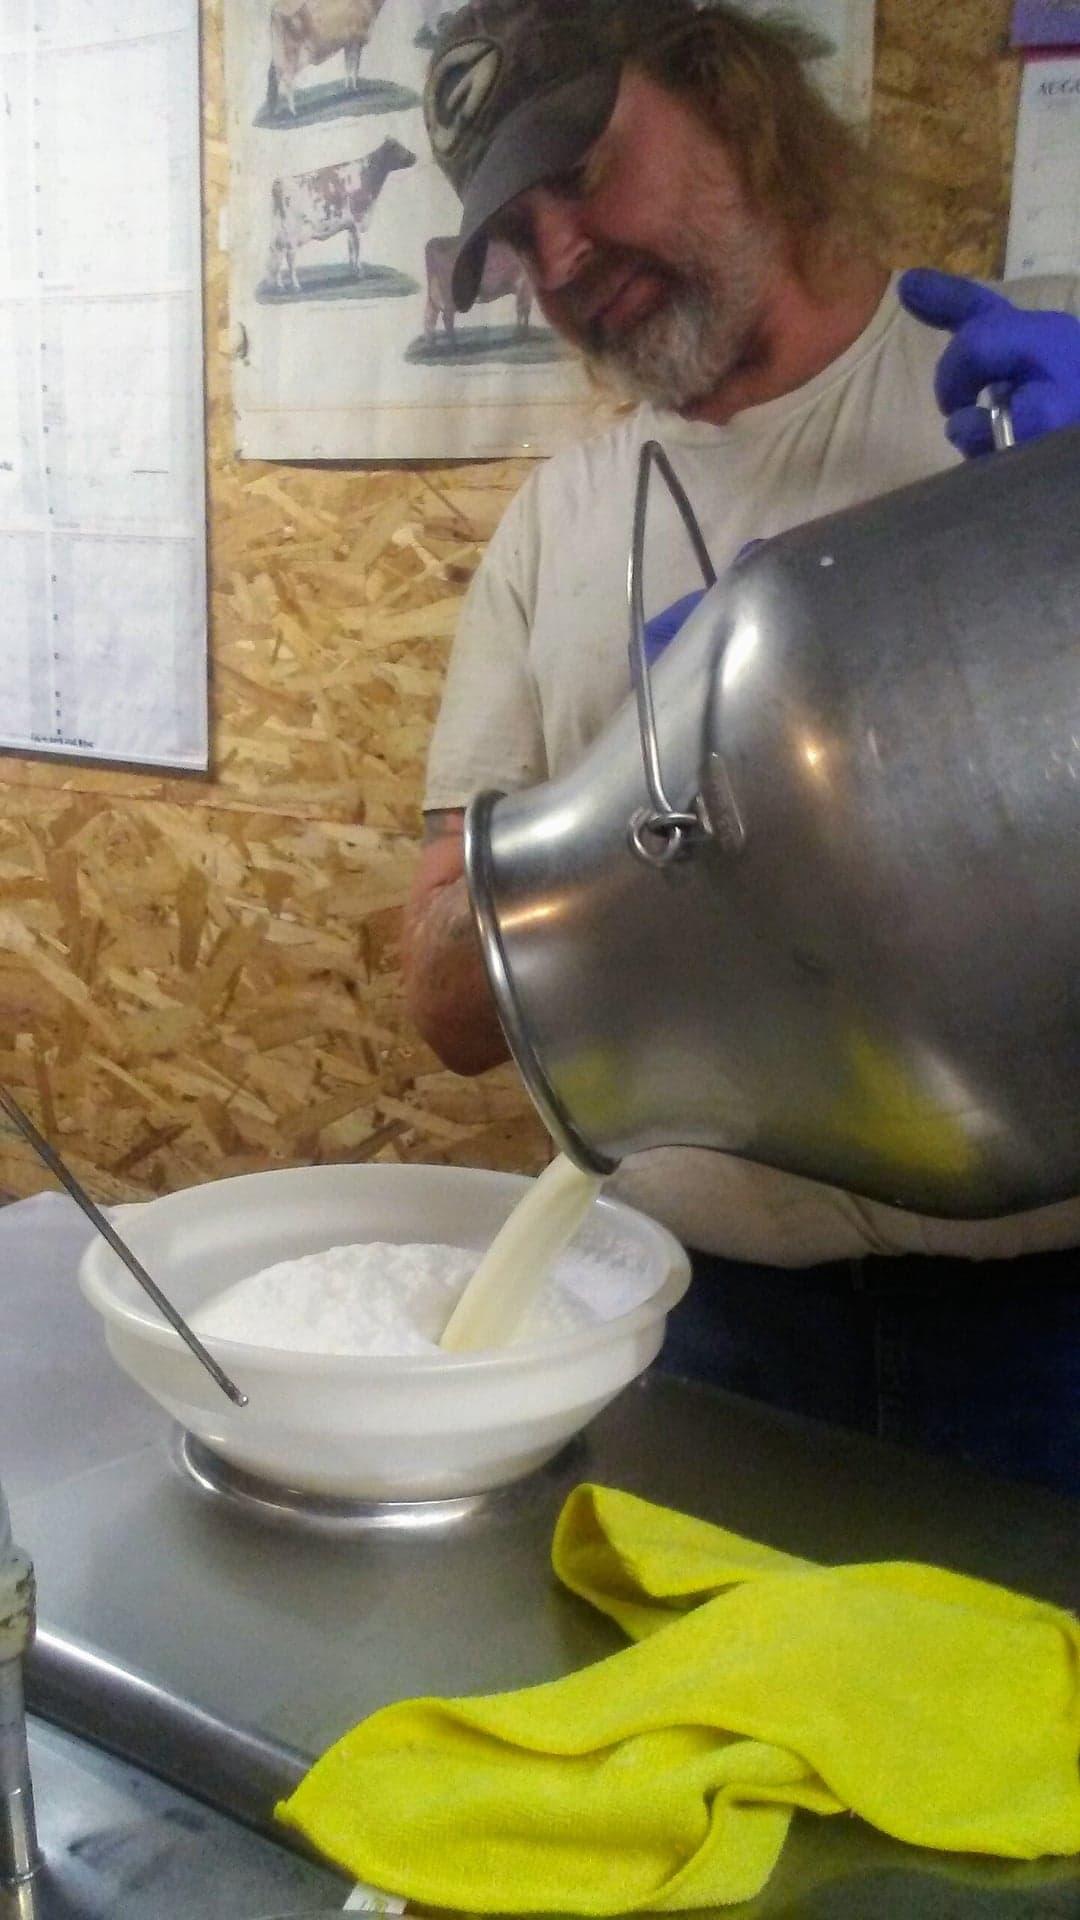 Scott filtering milk